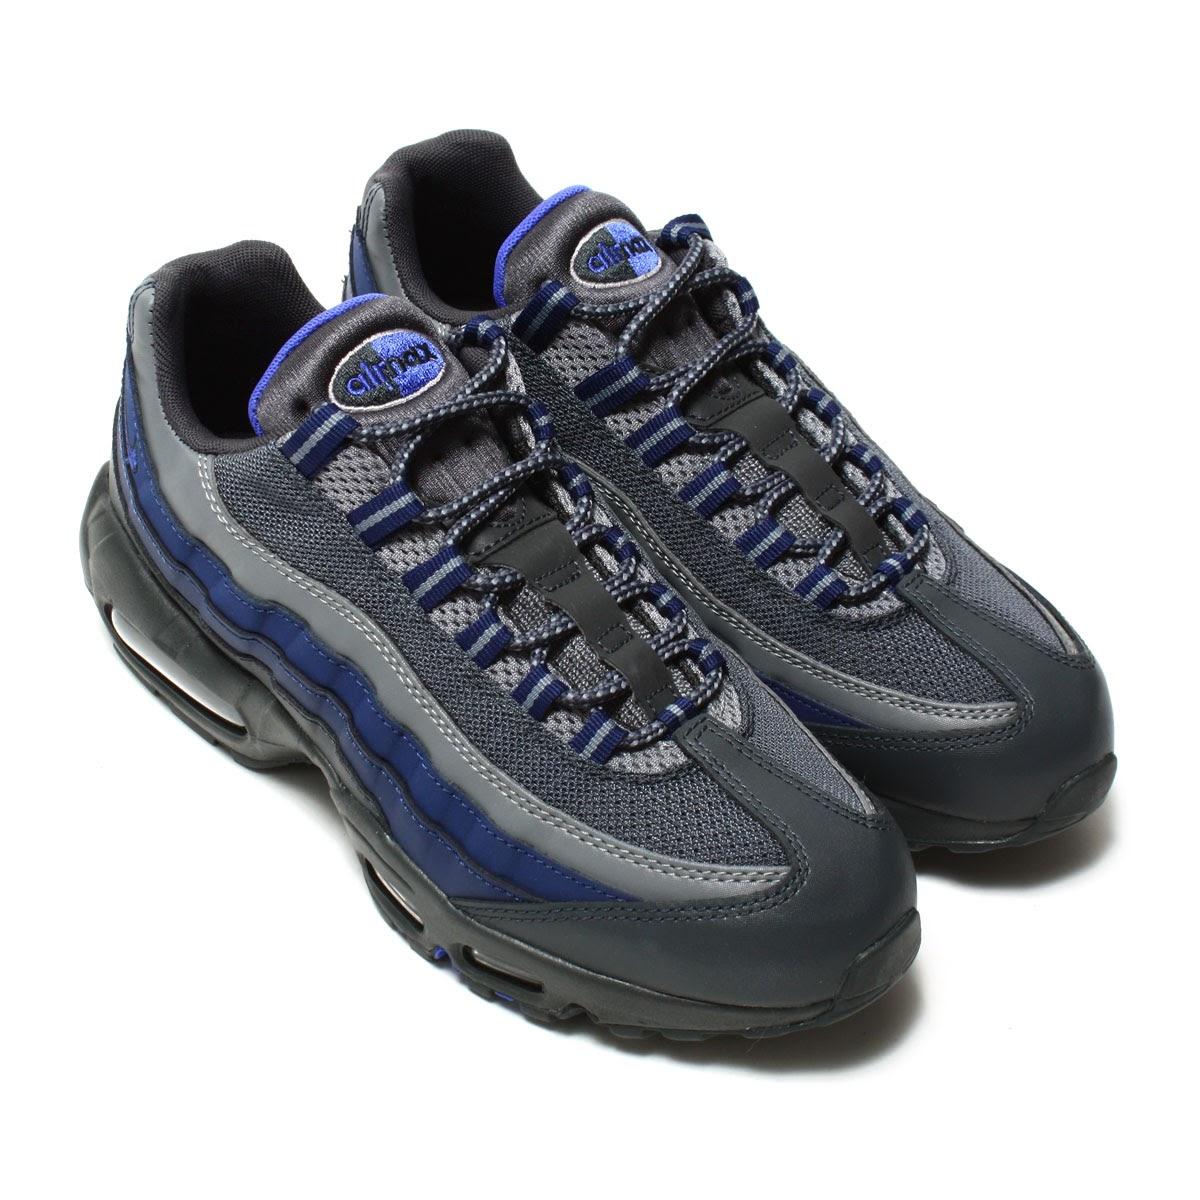 nike air max 95 gray blue